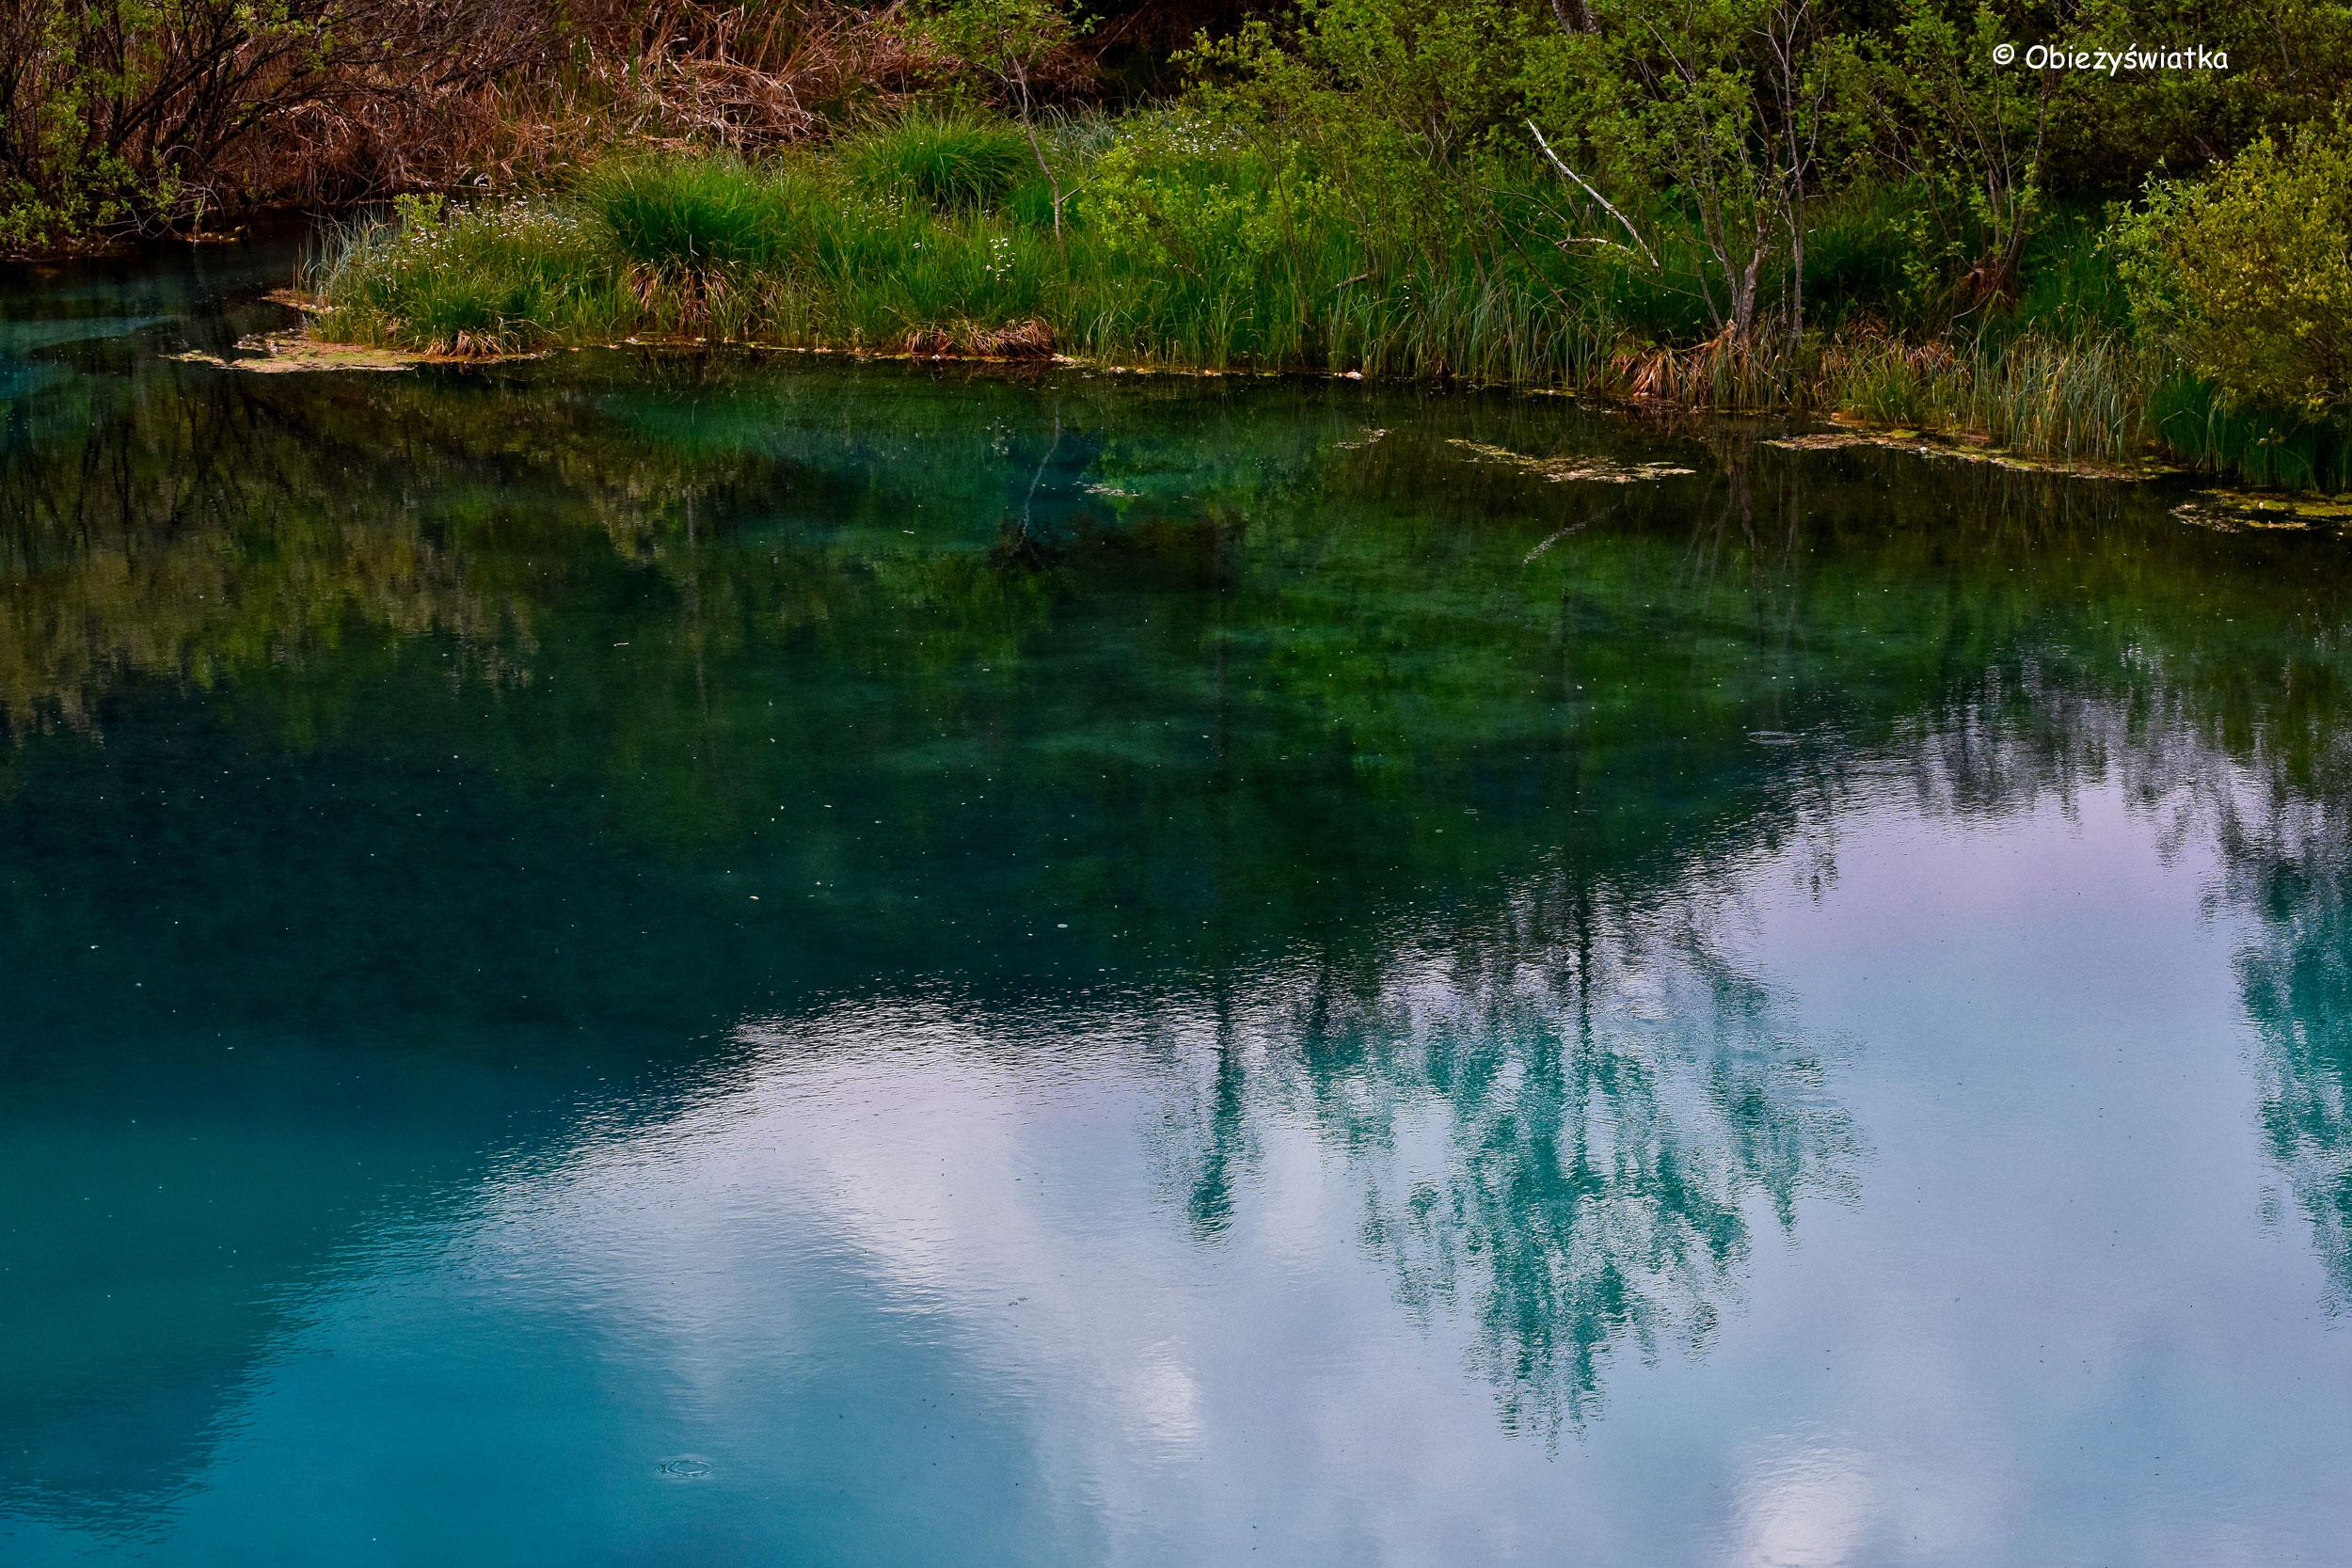 Szmaragdowa tafla Jeziora Zelenci, Słowenia